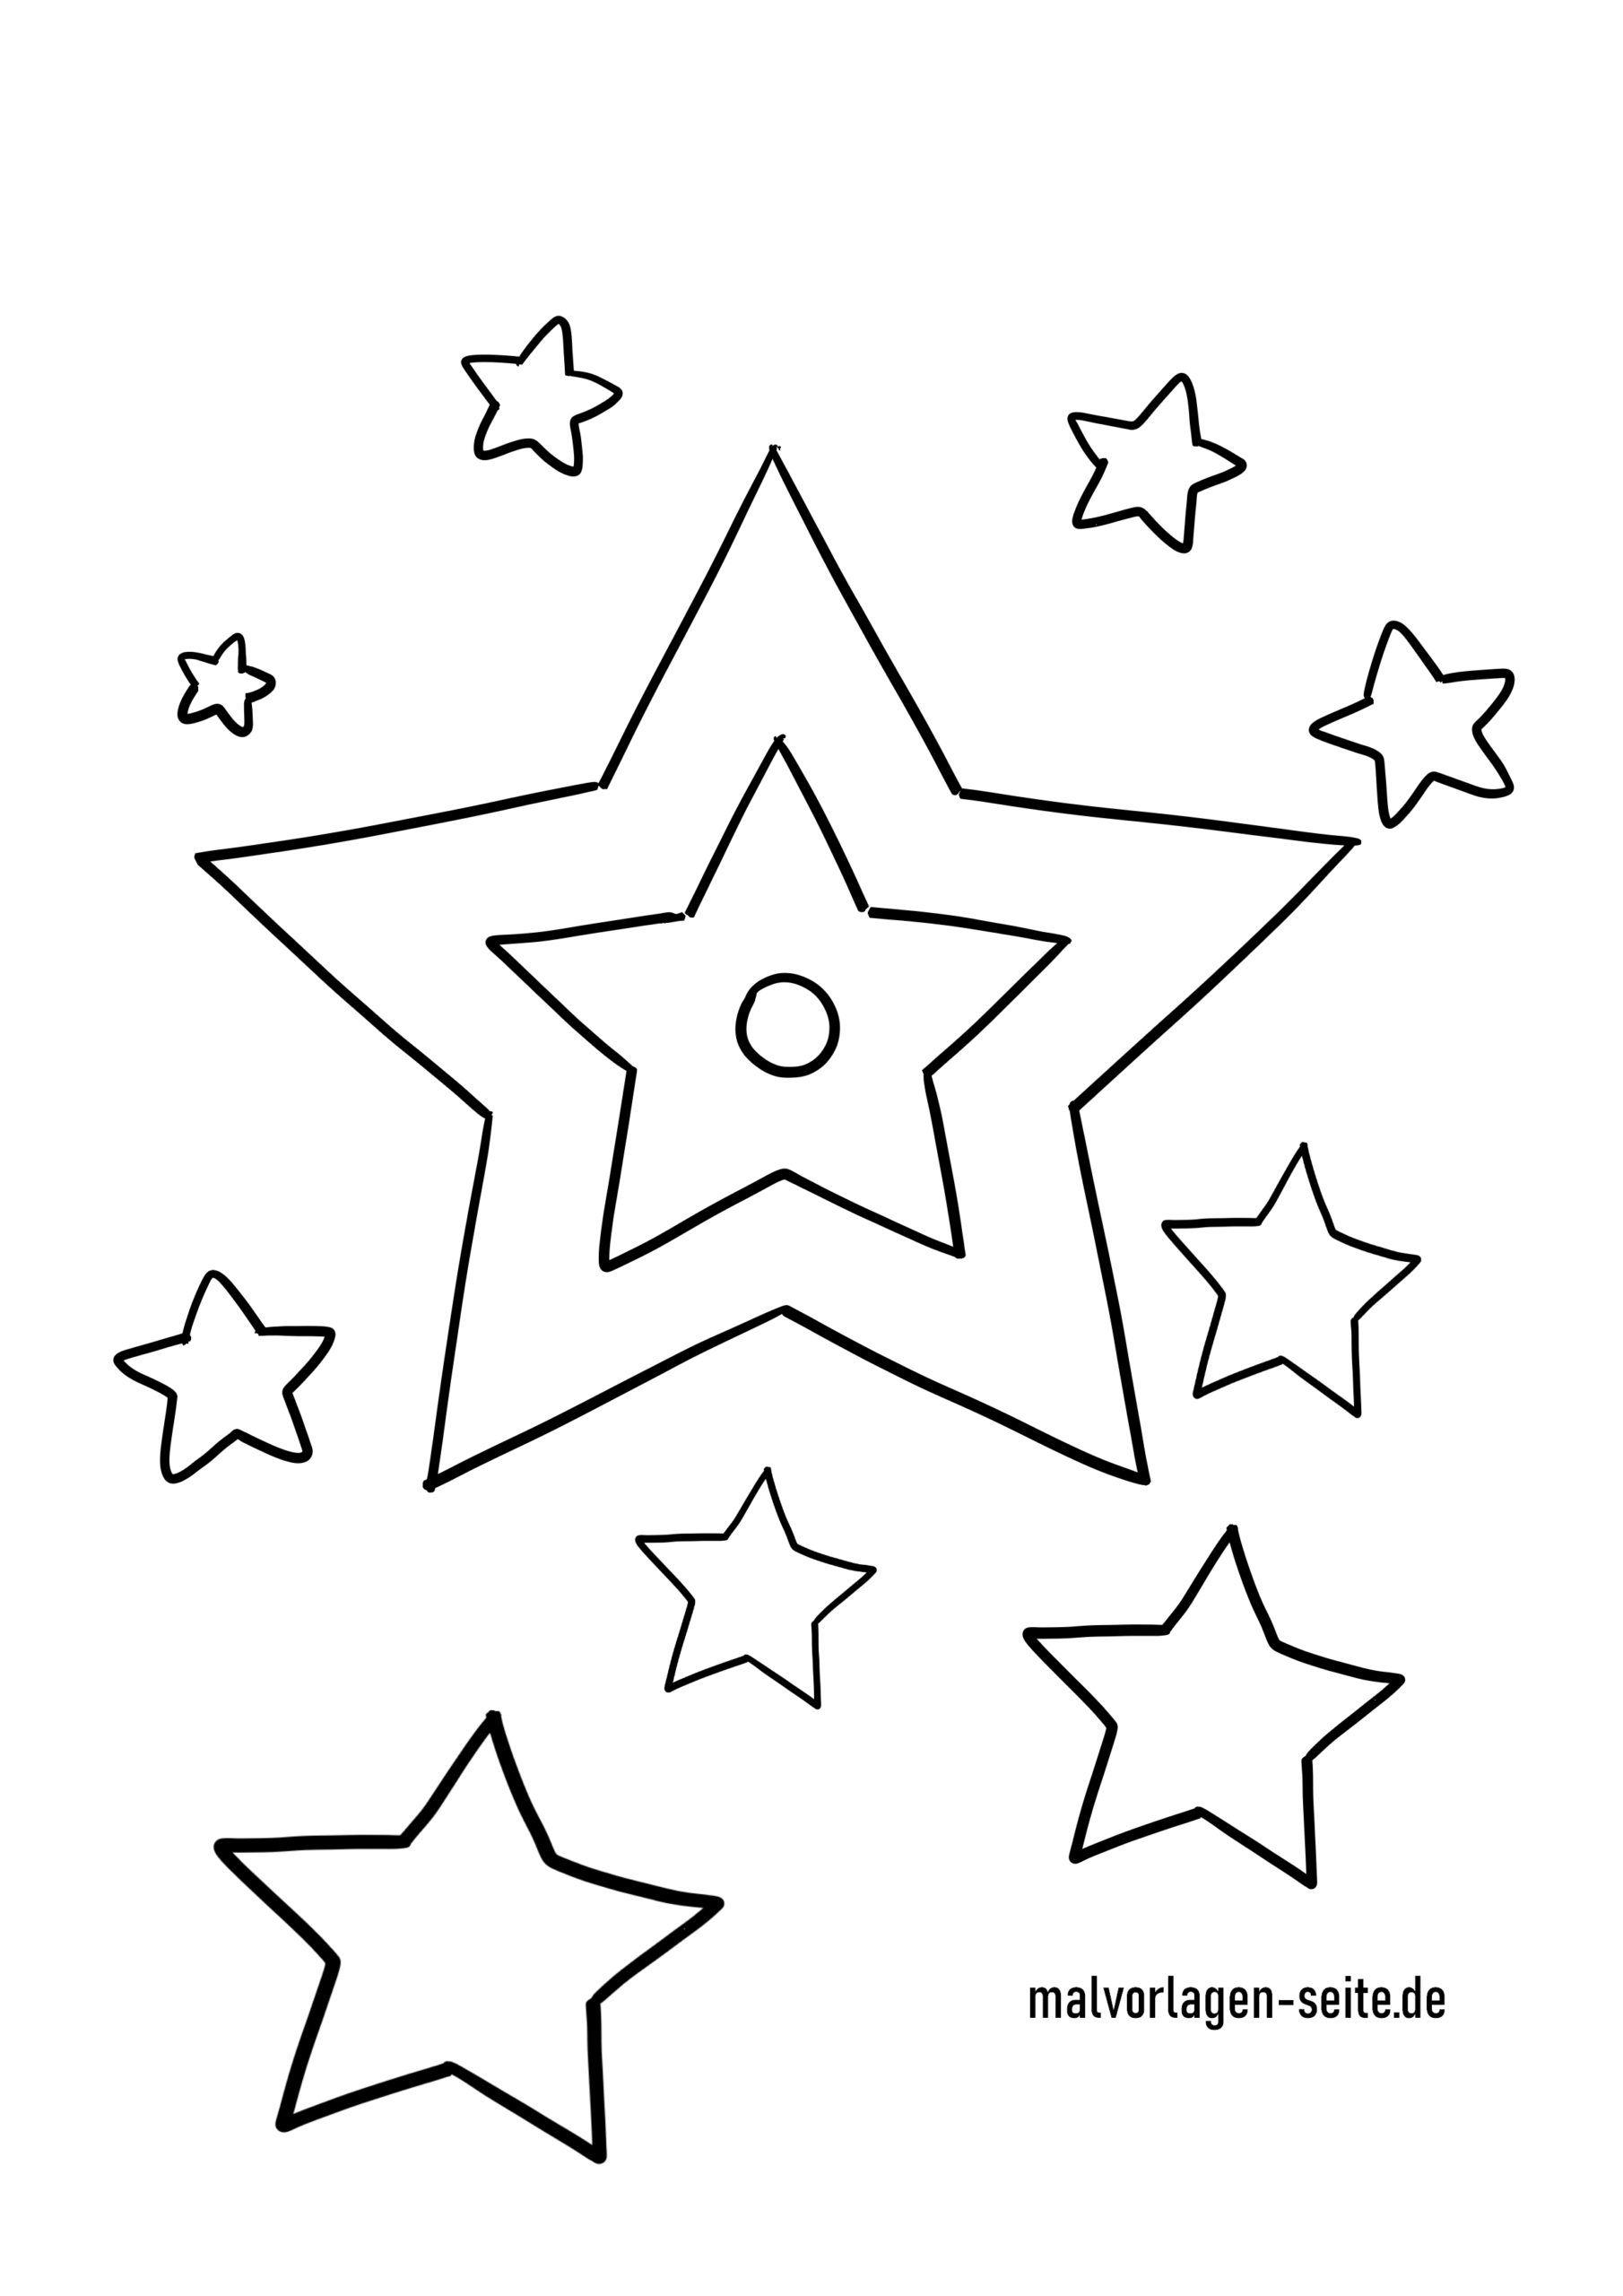 Malvorlage Sterne - Kostenlose Ausmalbilder